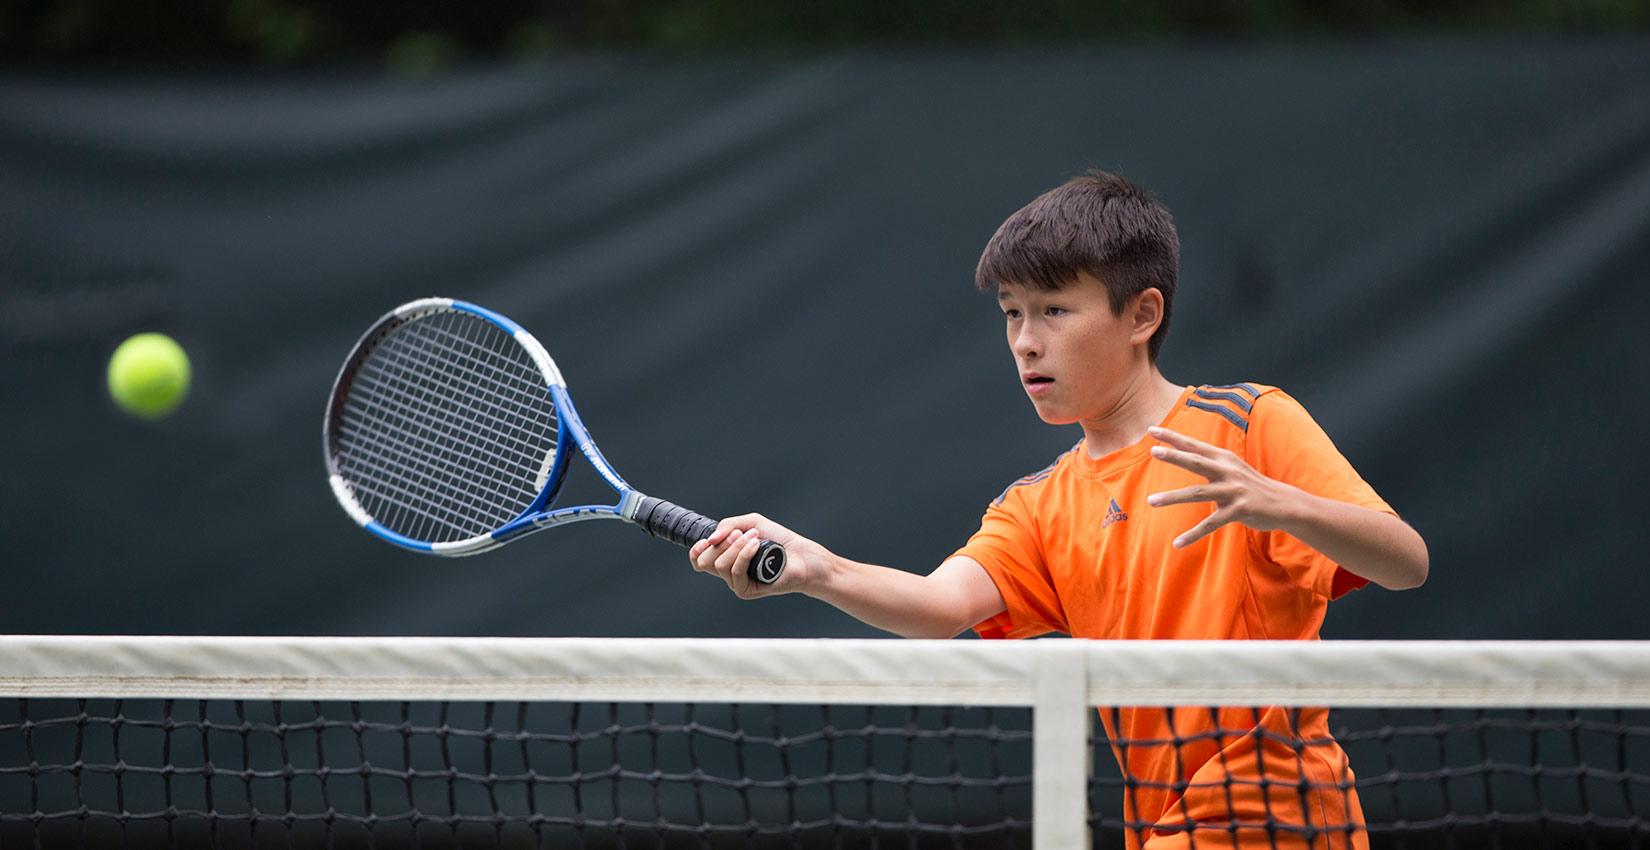 tennis-kid-at-net.jpg